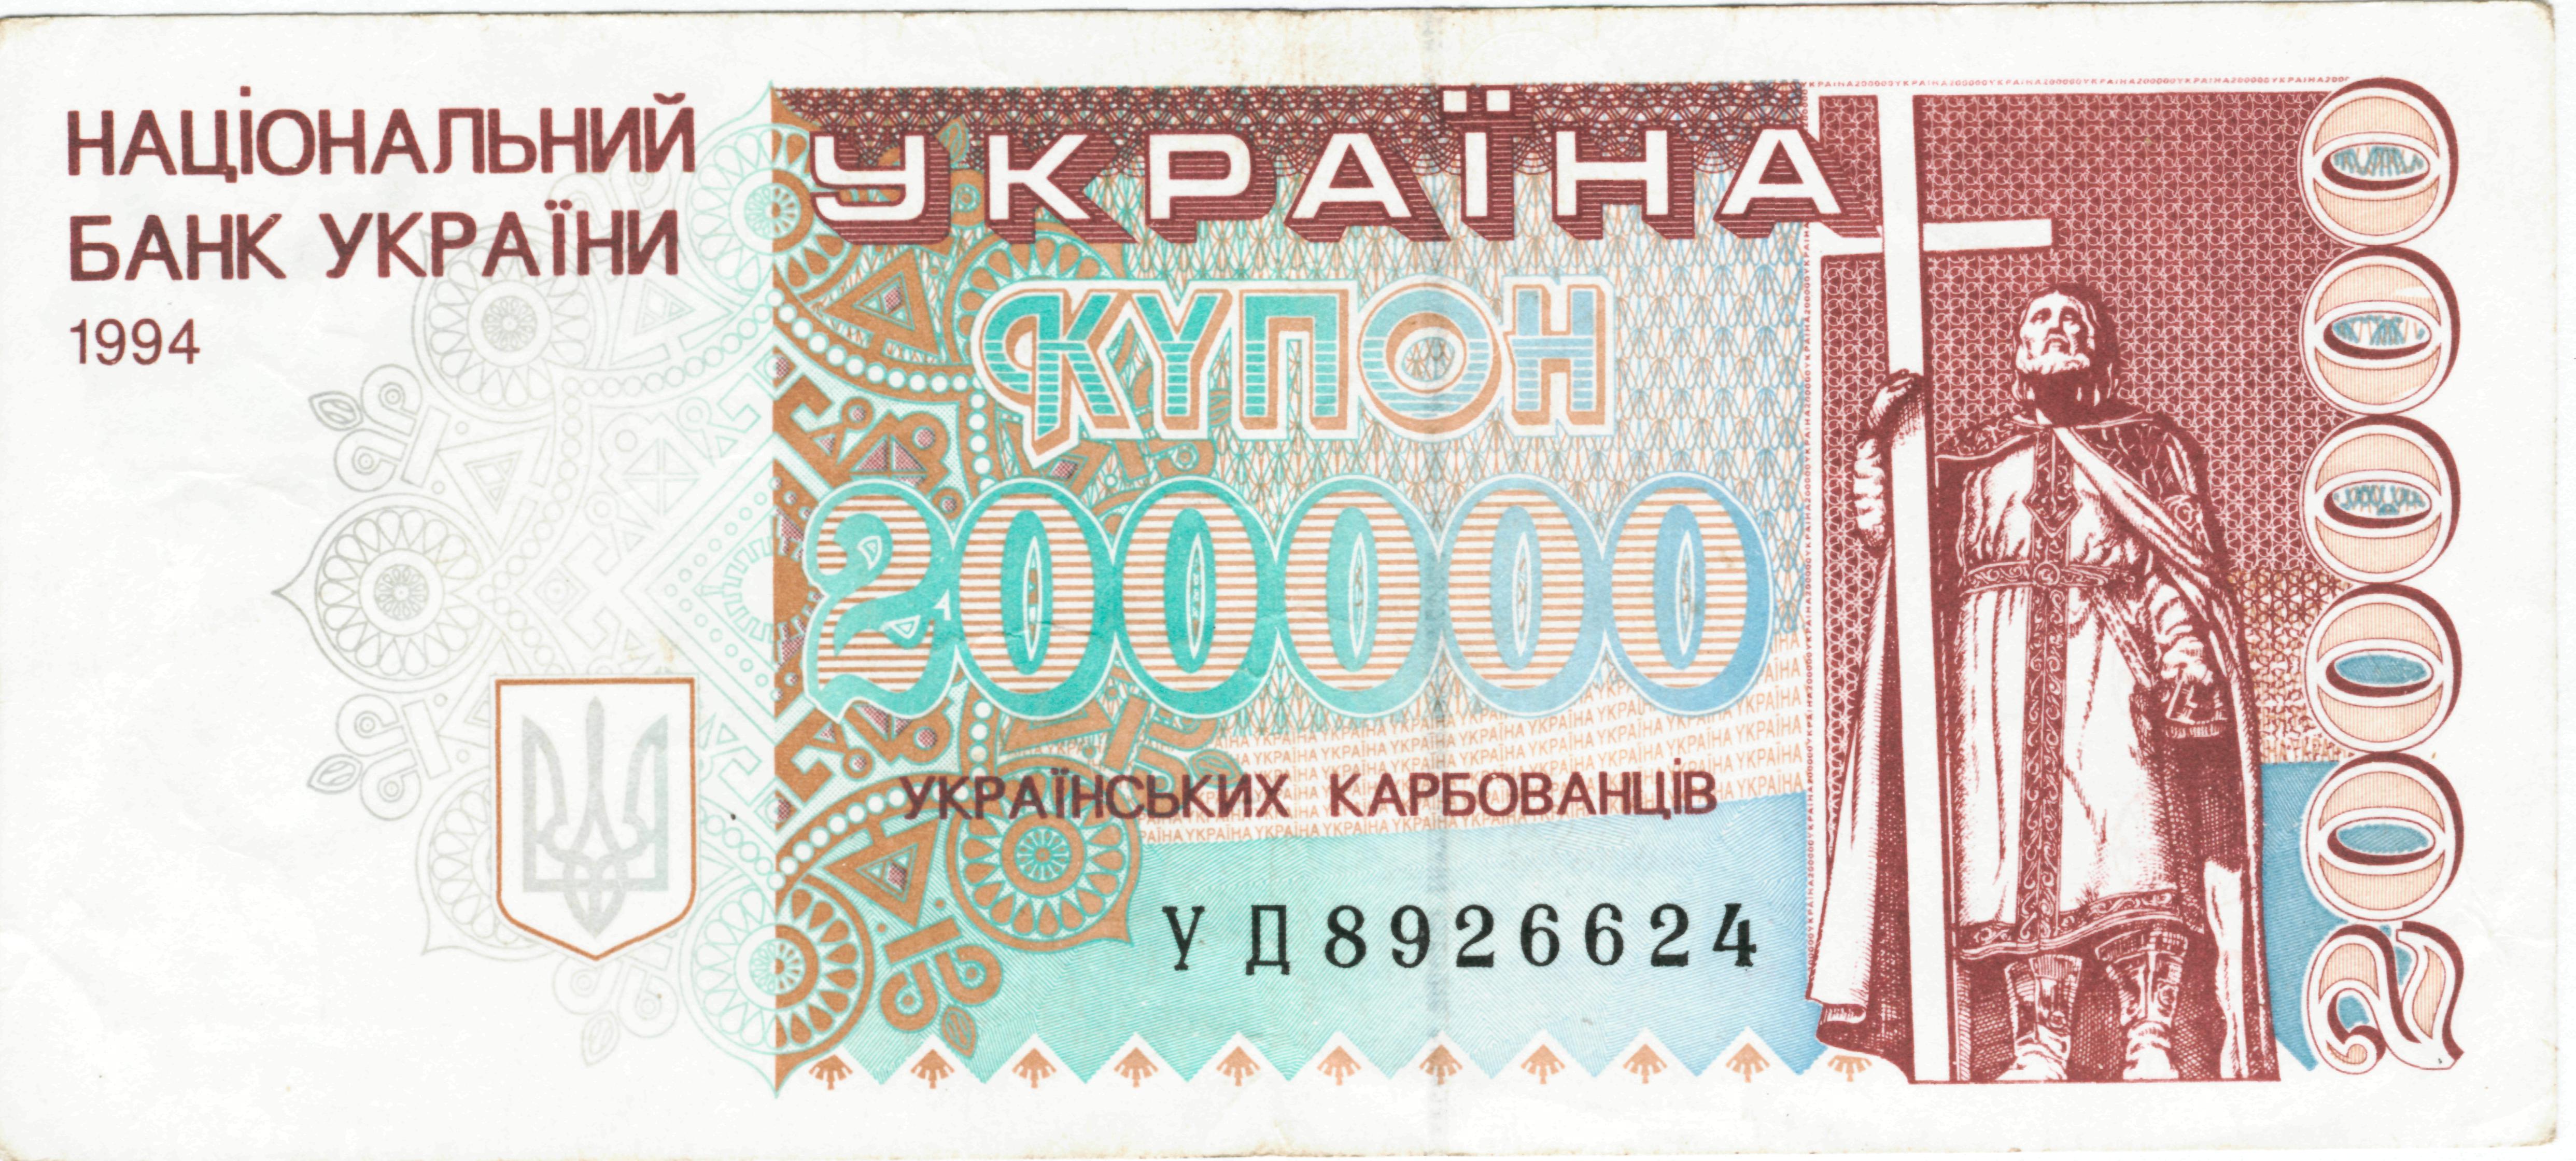 У мужчины в столице отняли сумку с 2,4 млн грн - Цензор.НЕТ 8569